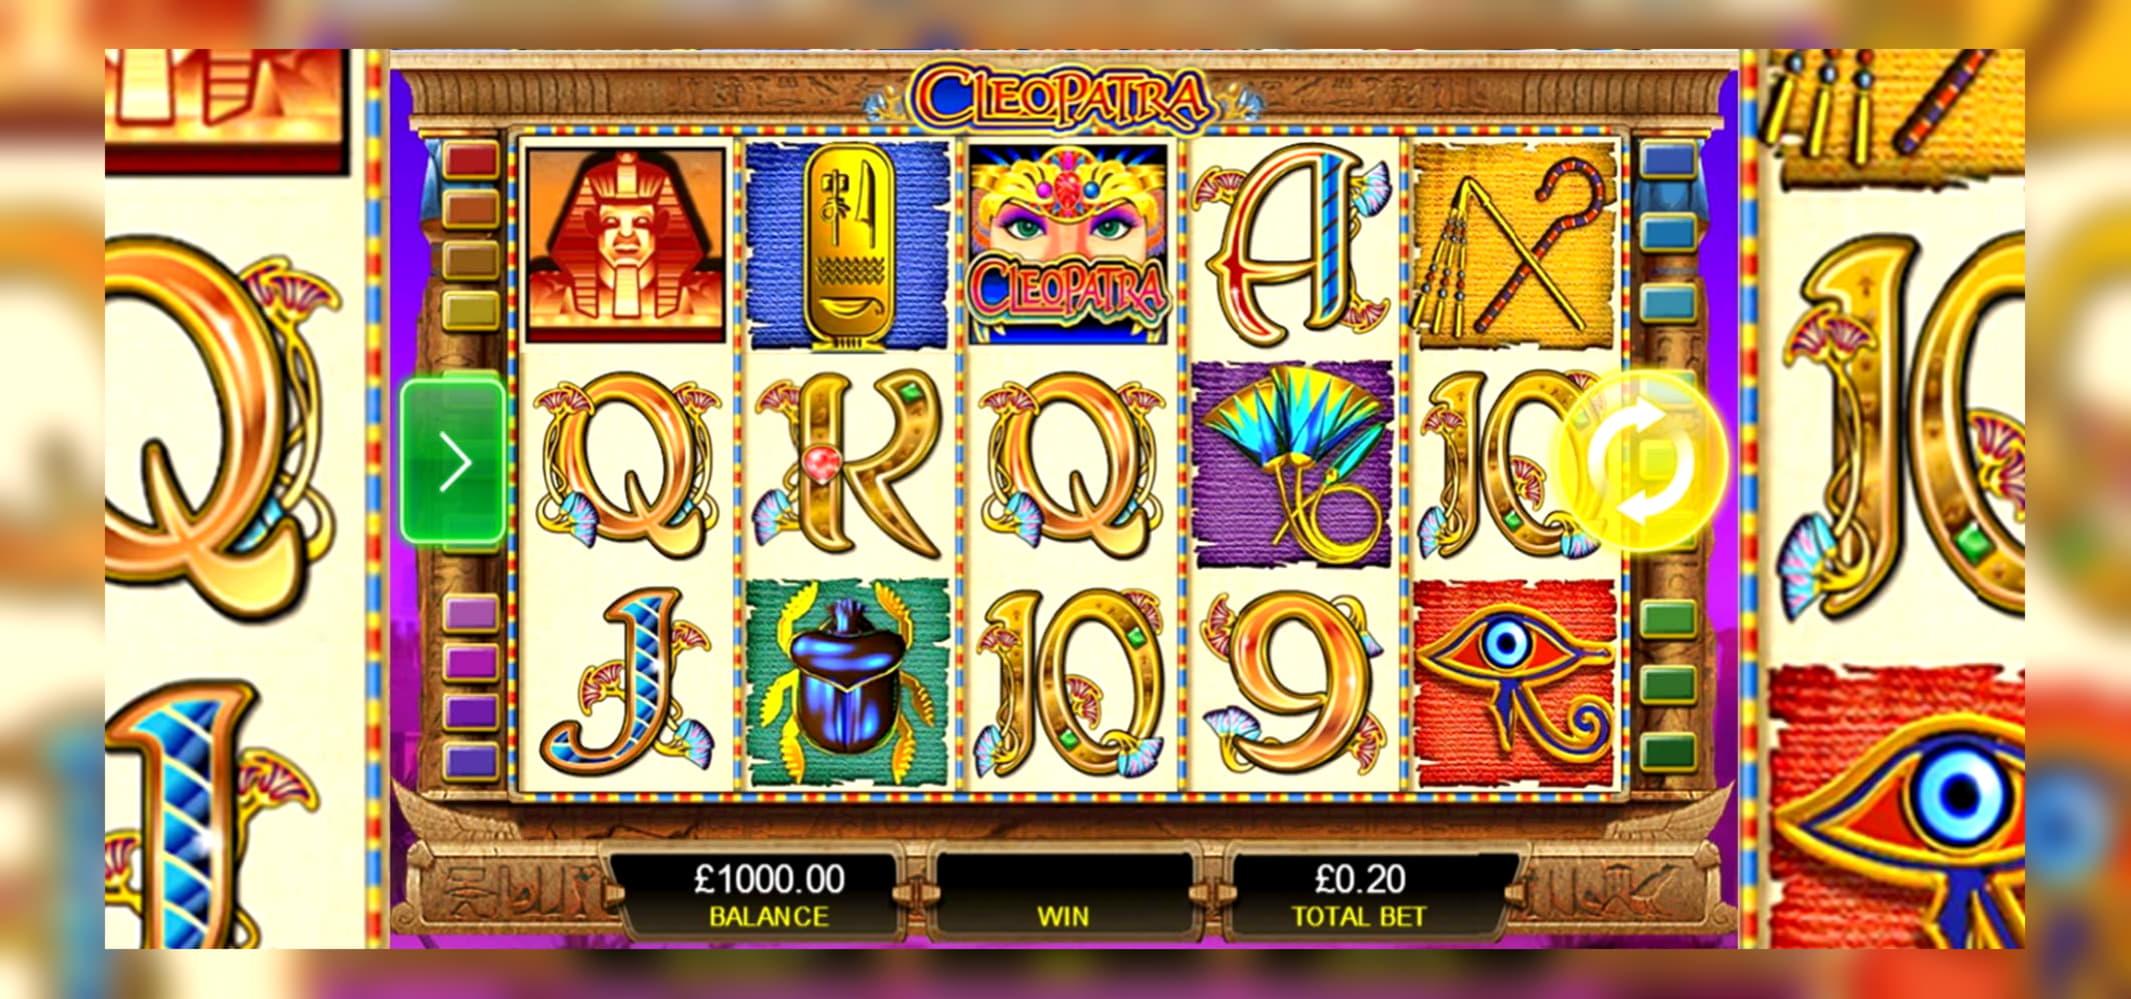 € 280 ทัวร์นาเมนต์คาสิโนฟรีที่ Red Stag Casino